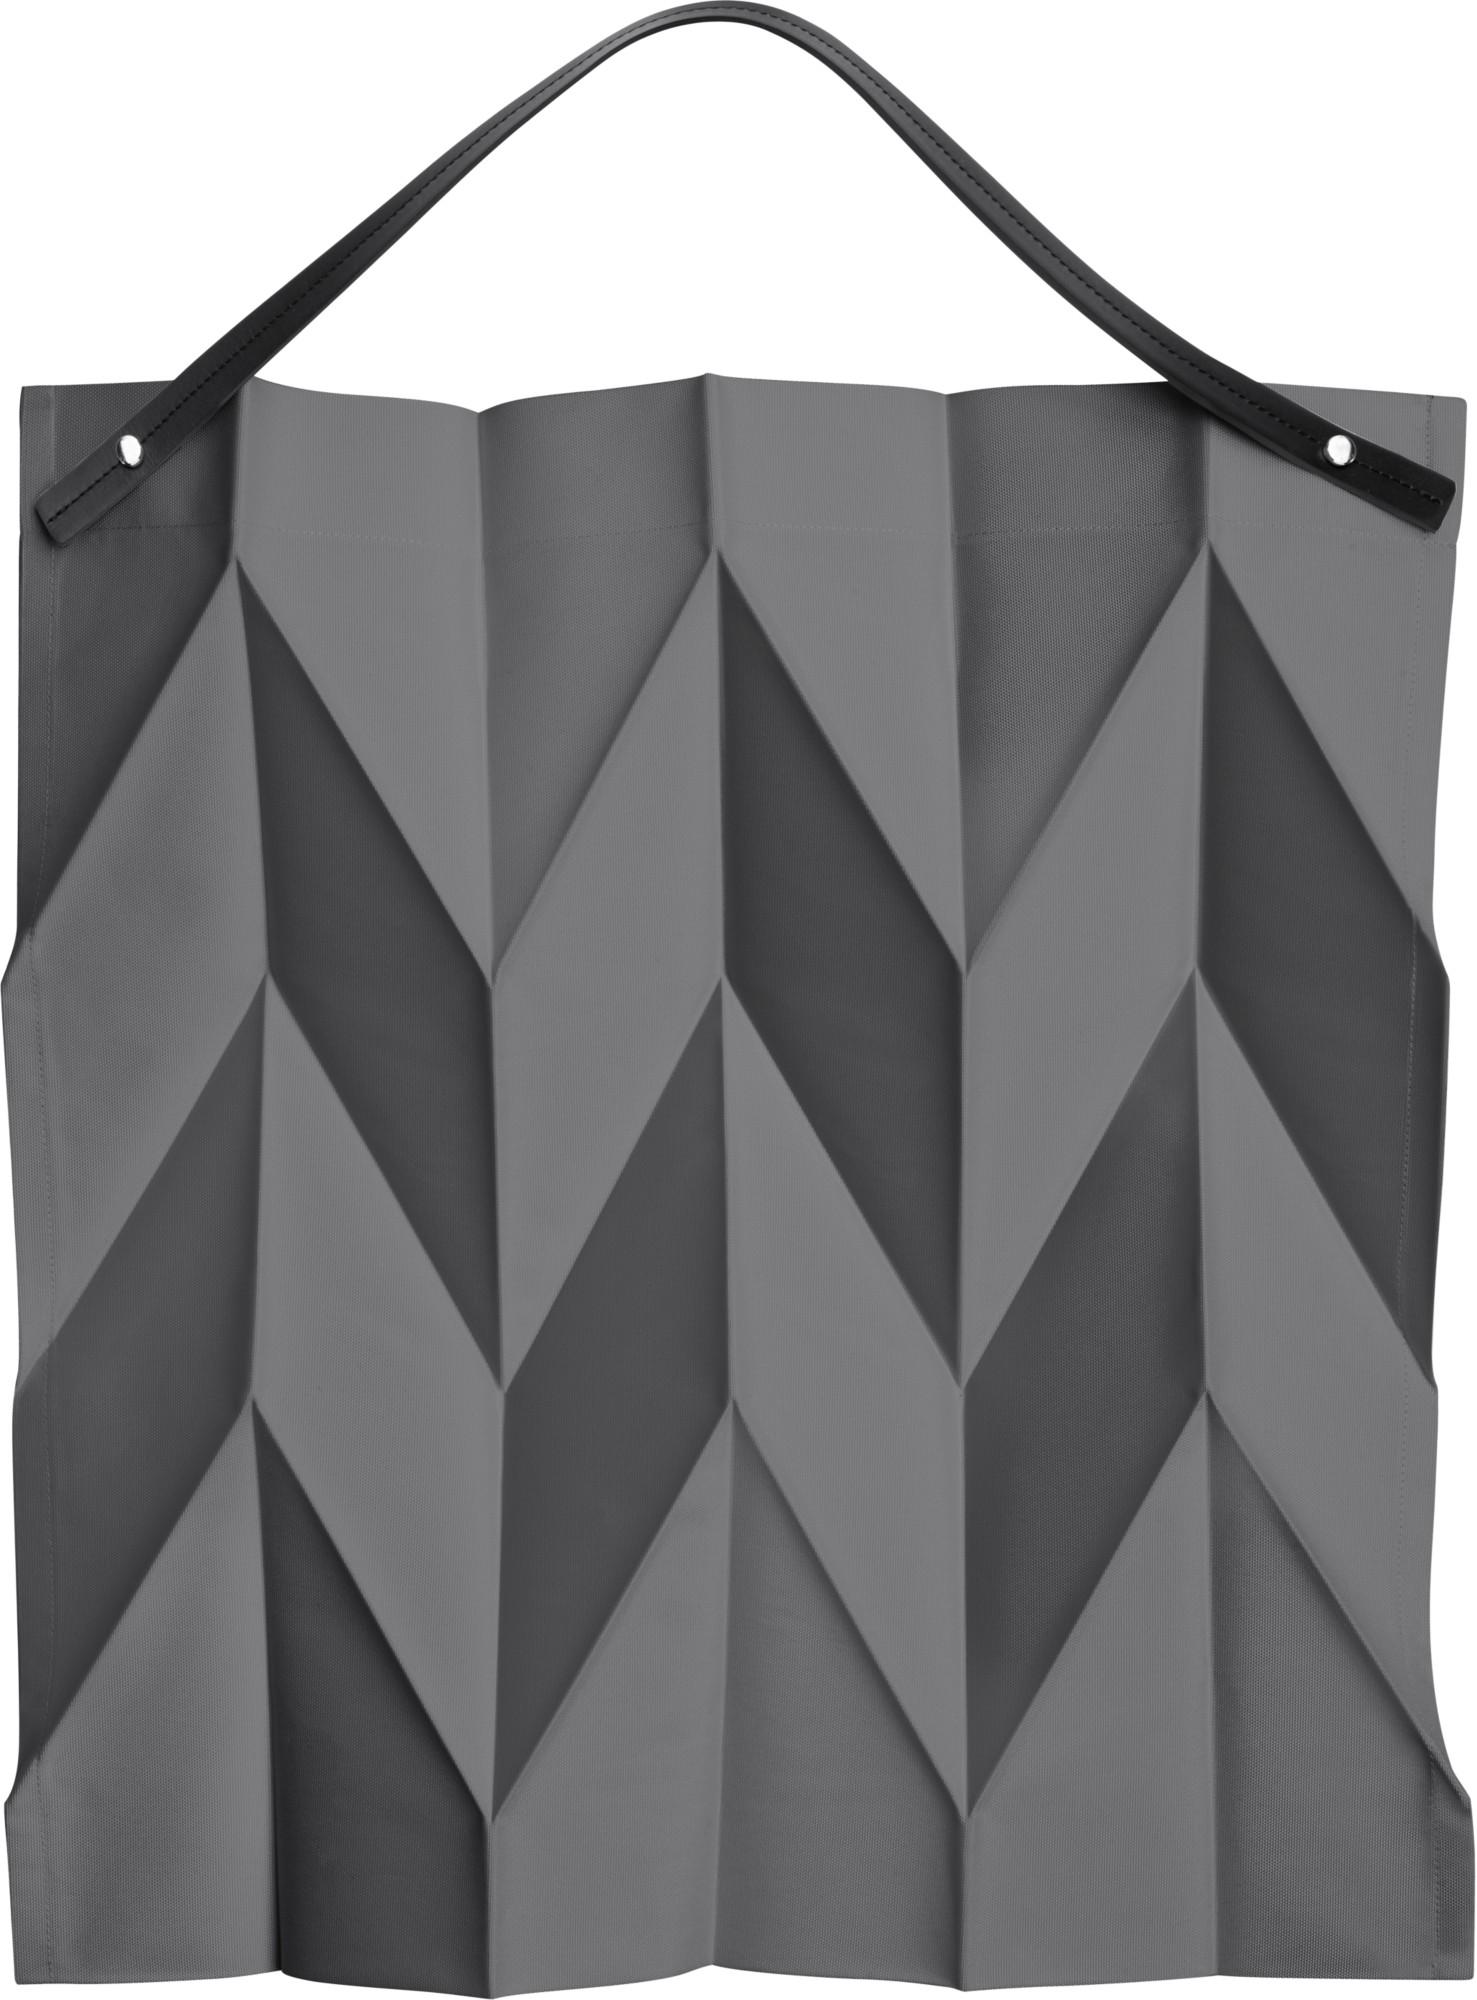 5fddf69f39ee Iittala - Iittala X Issey Miyake bag 54 x 52 cm dark grey - Iittala.com UK